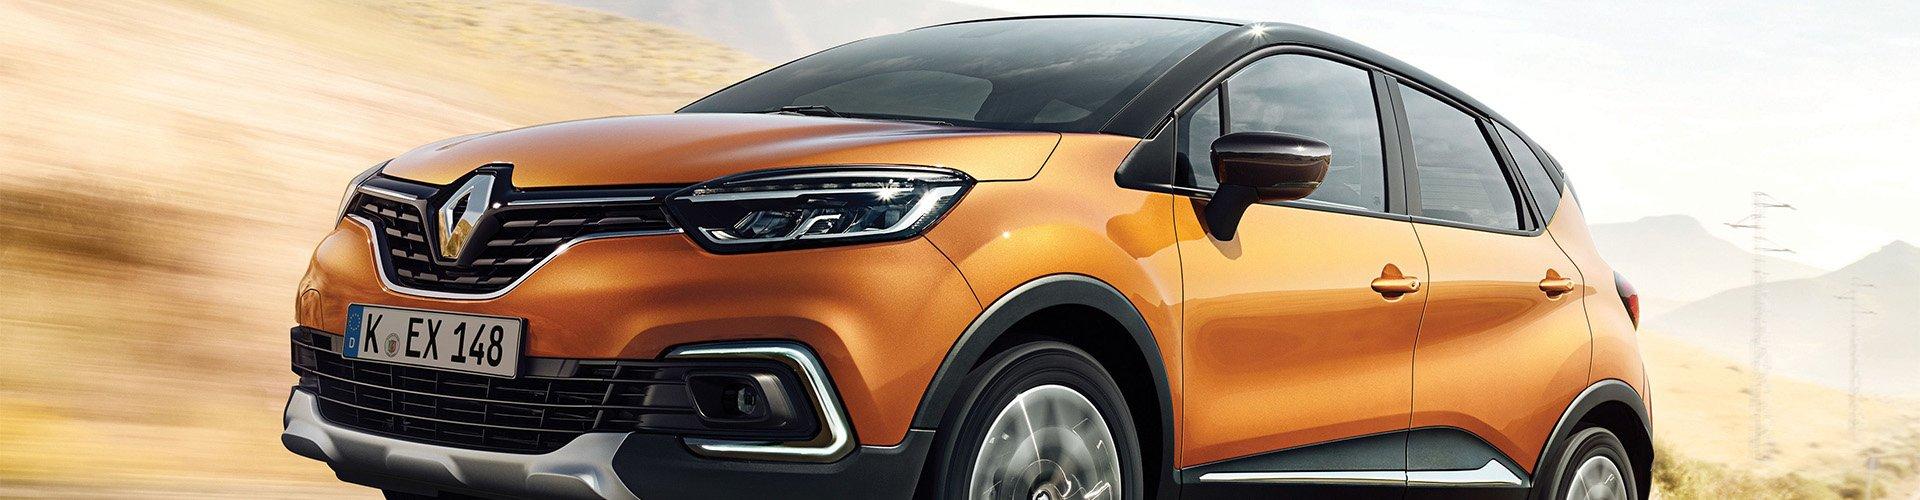 Renault Captur seitlich